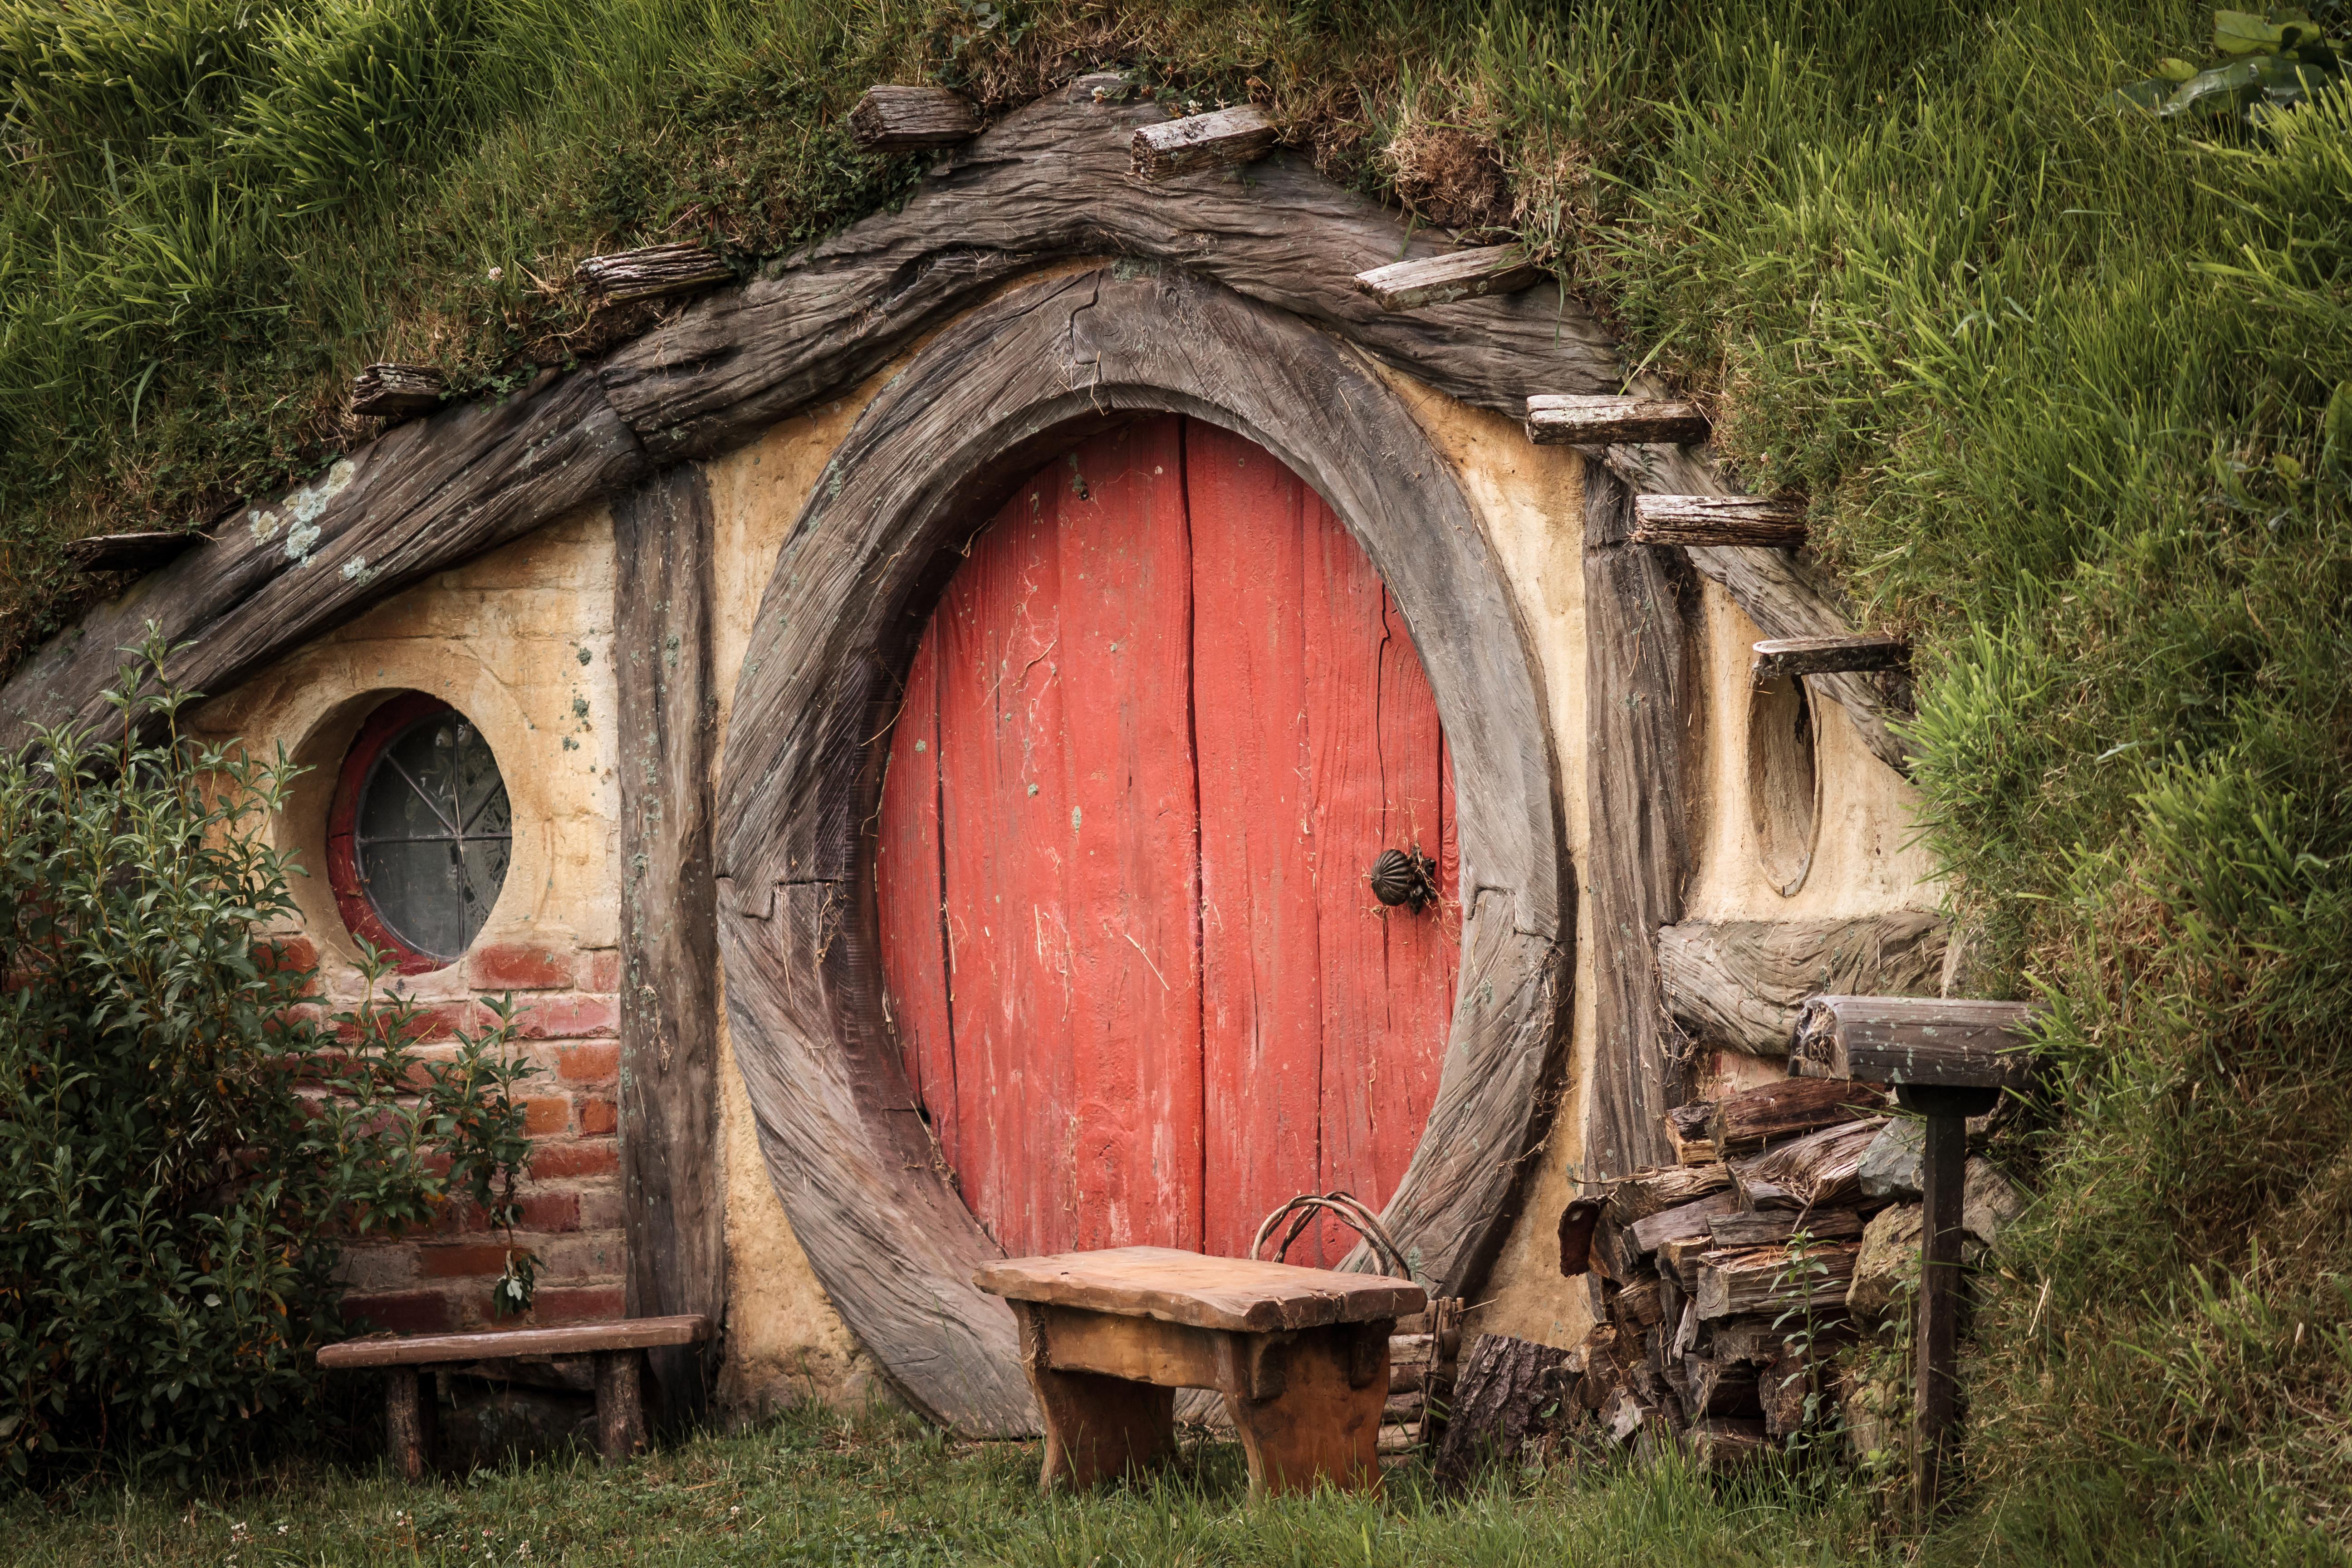 Une maison de hobbit en c te d 39 or - Maison de hobbit en france ...